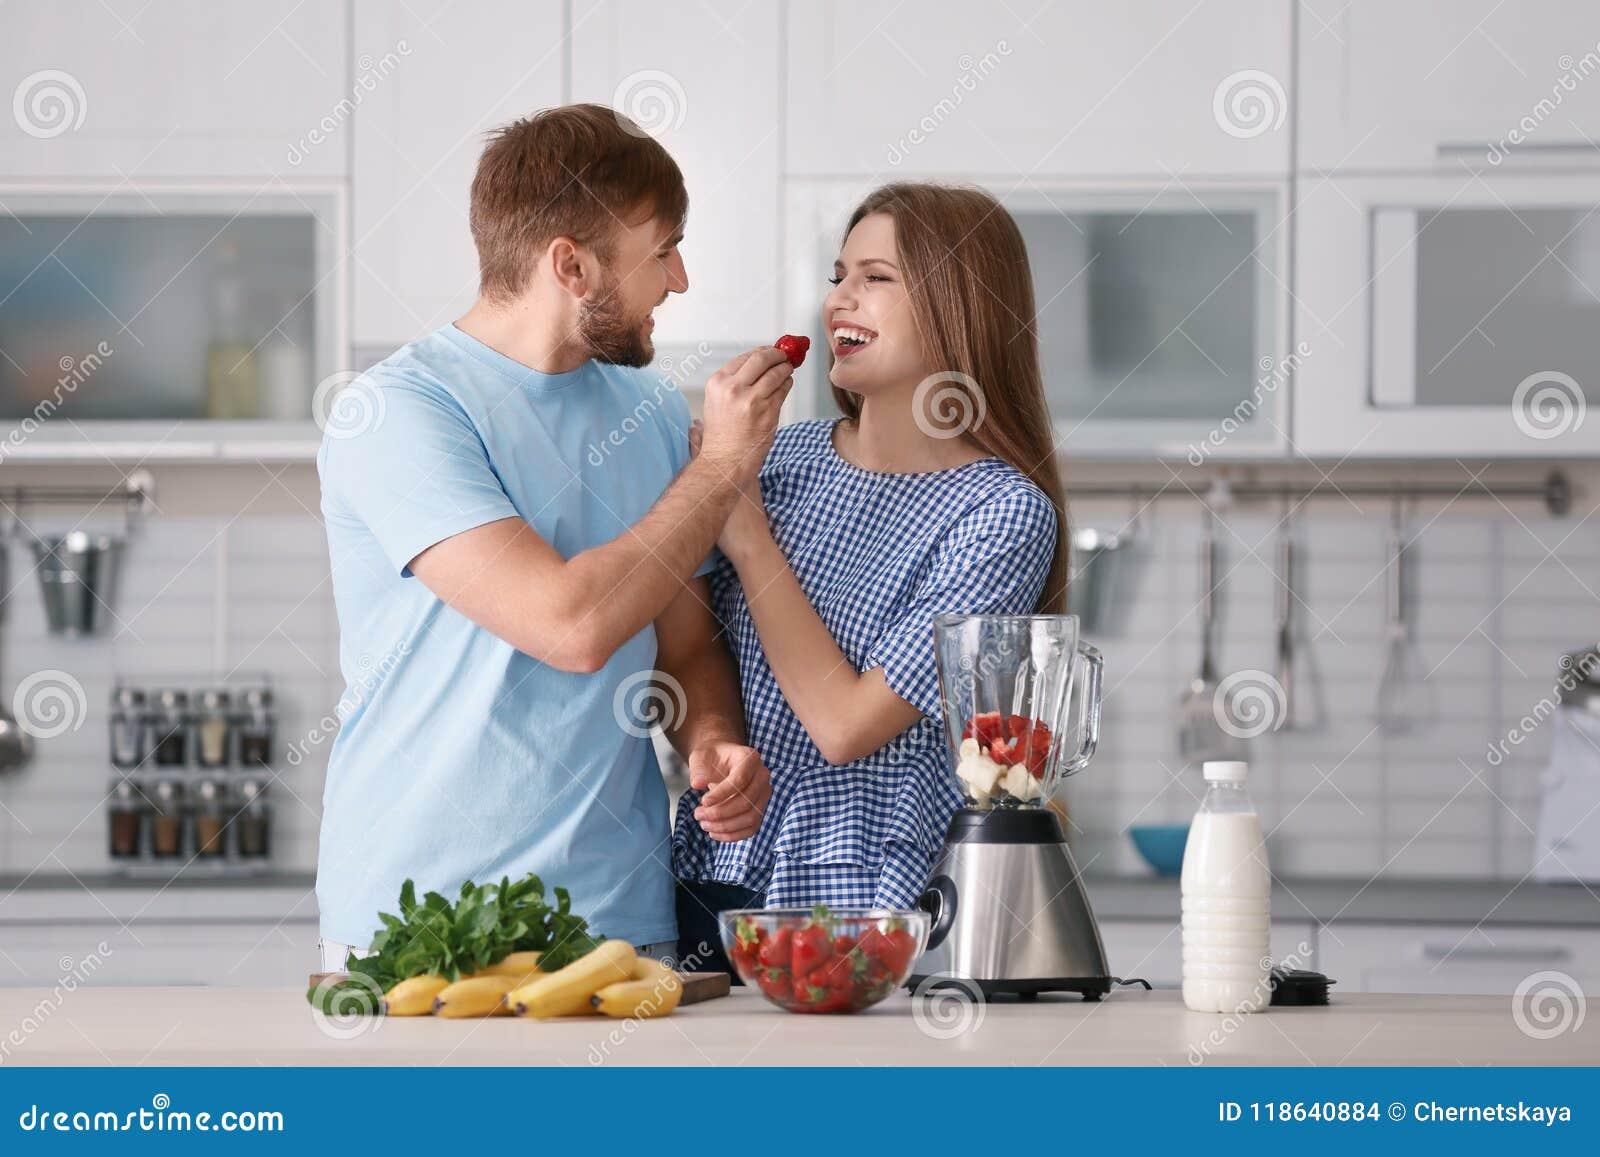 Verbinden Sie das Essen von Erdbeeren bei der Zubereitung des köstlichen Milchshakes in der Küche